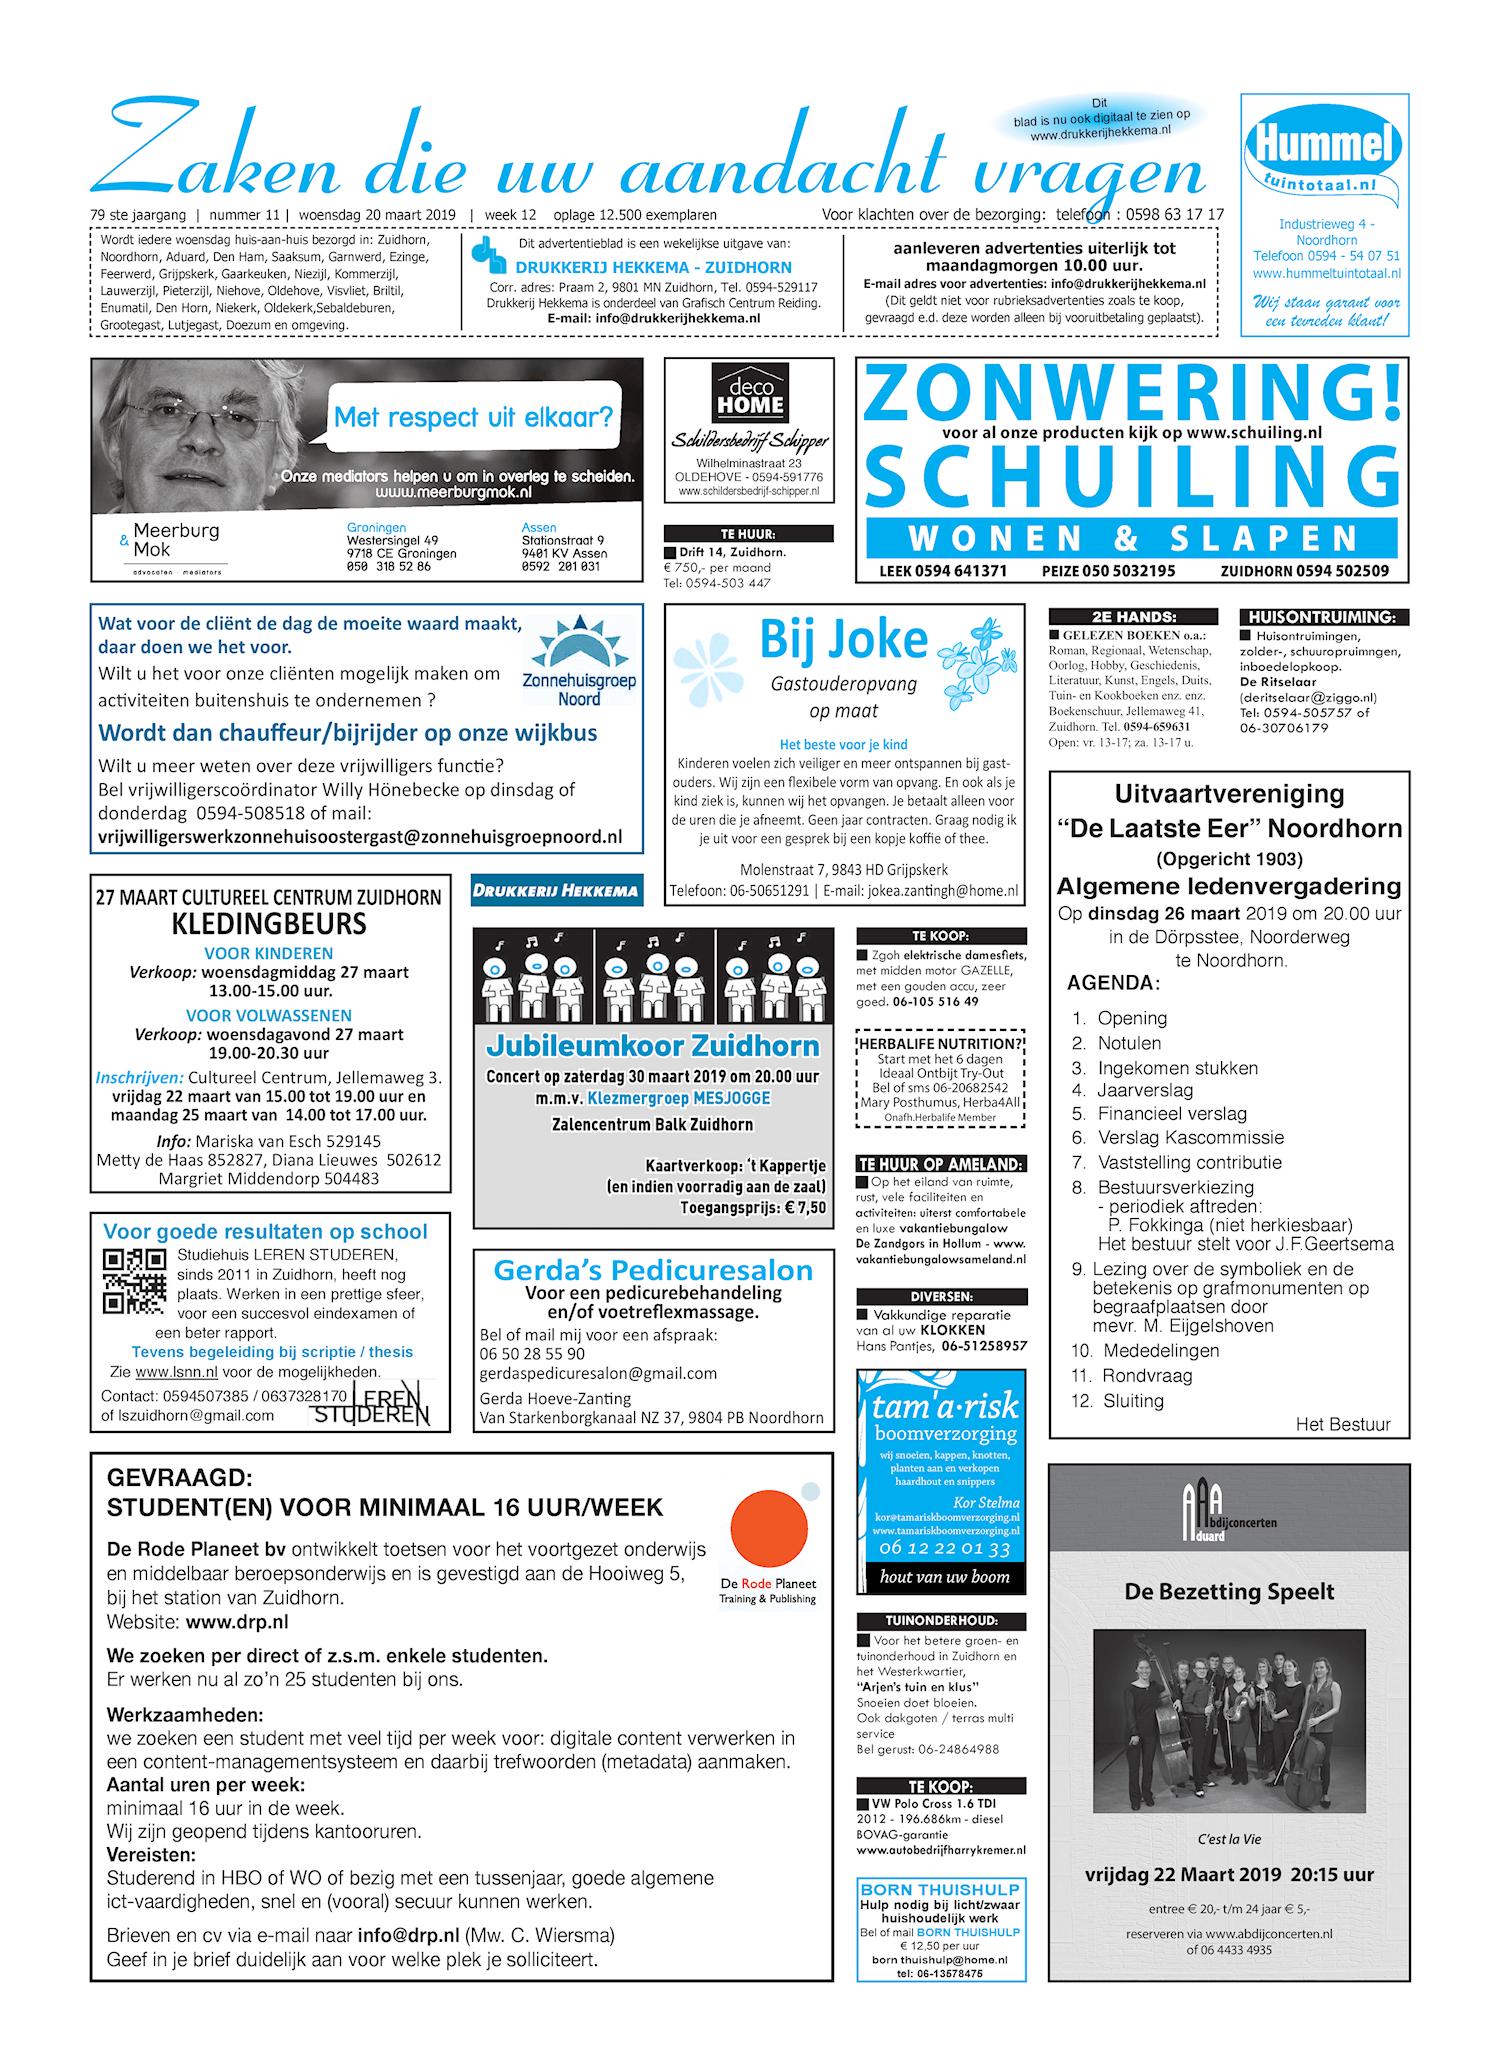 Drukkerij Hekkema - Zuidhorn - Zaken die uw aandacht vragen 2019 week 12